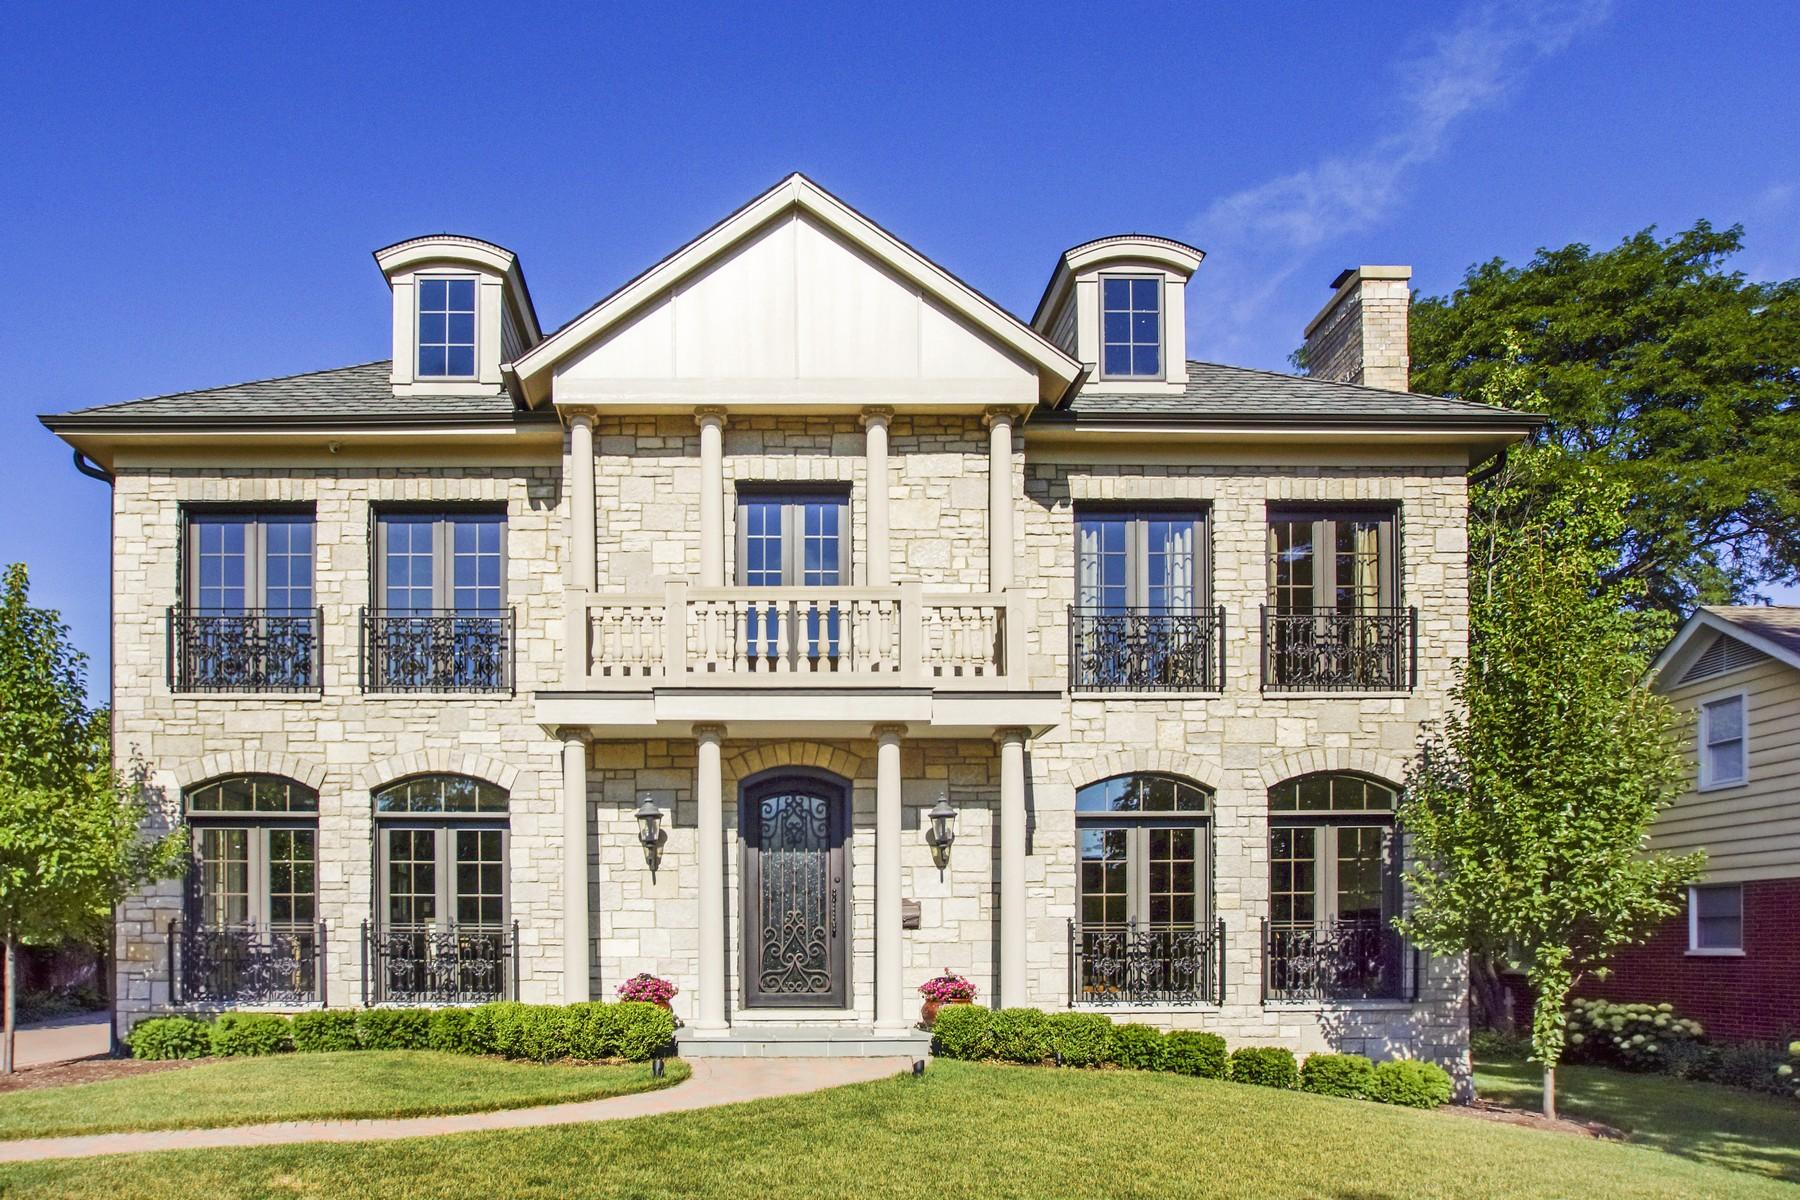 Casa Unifamiliar por un Venta en 212 N. Quincy Hinsdale, Illinois, 60521 Estados Unidos